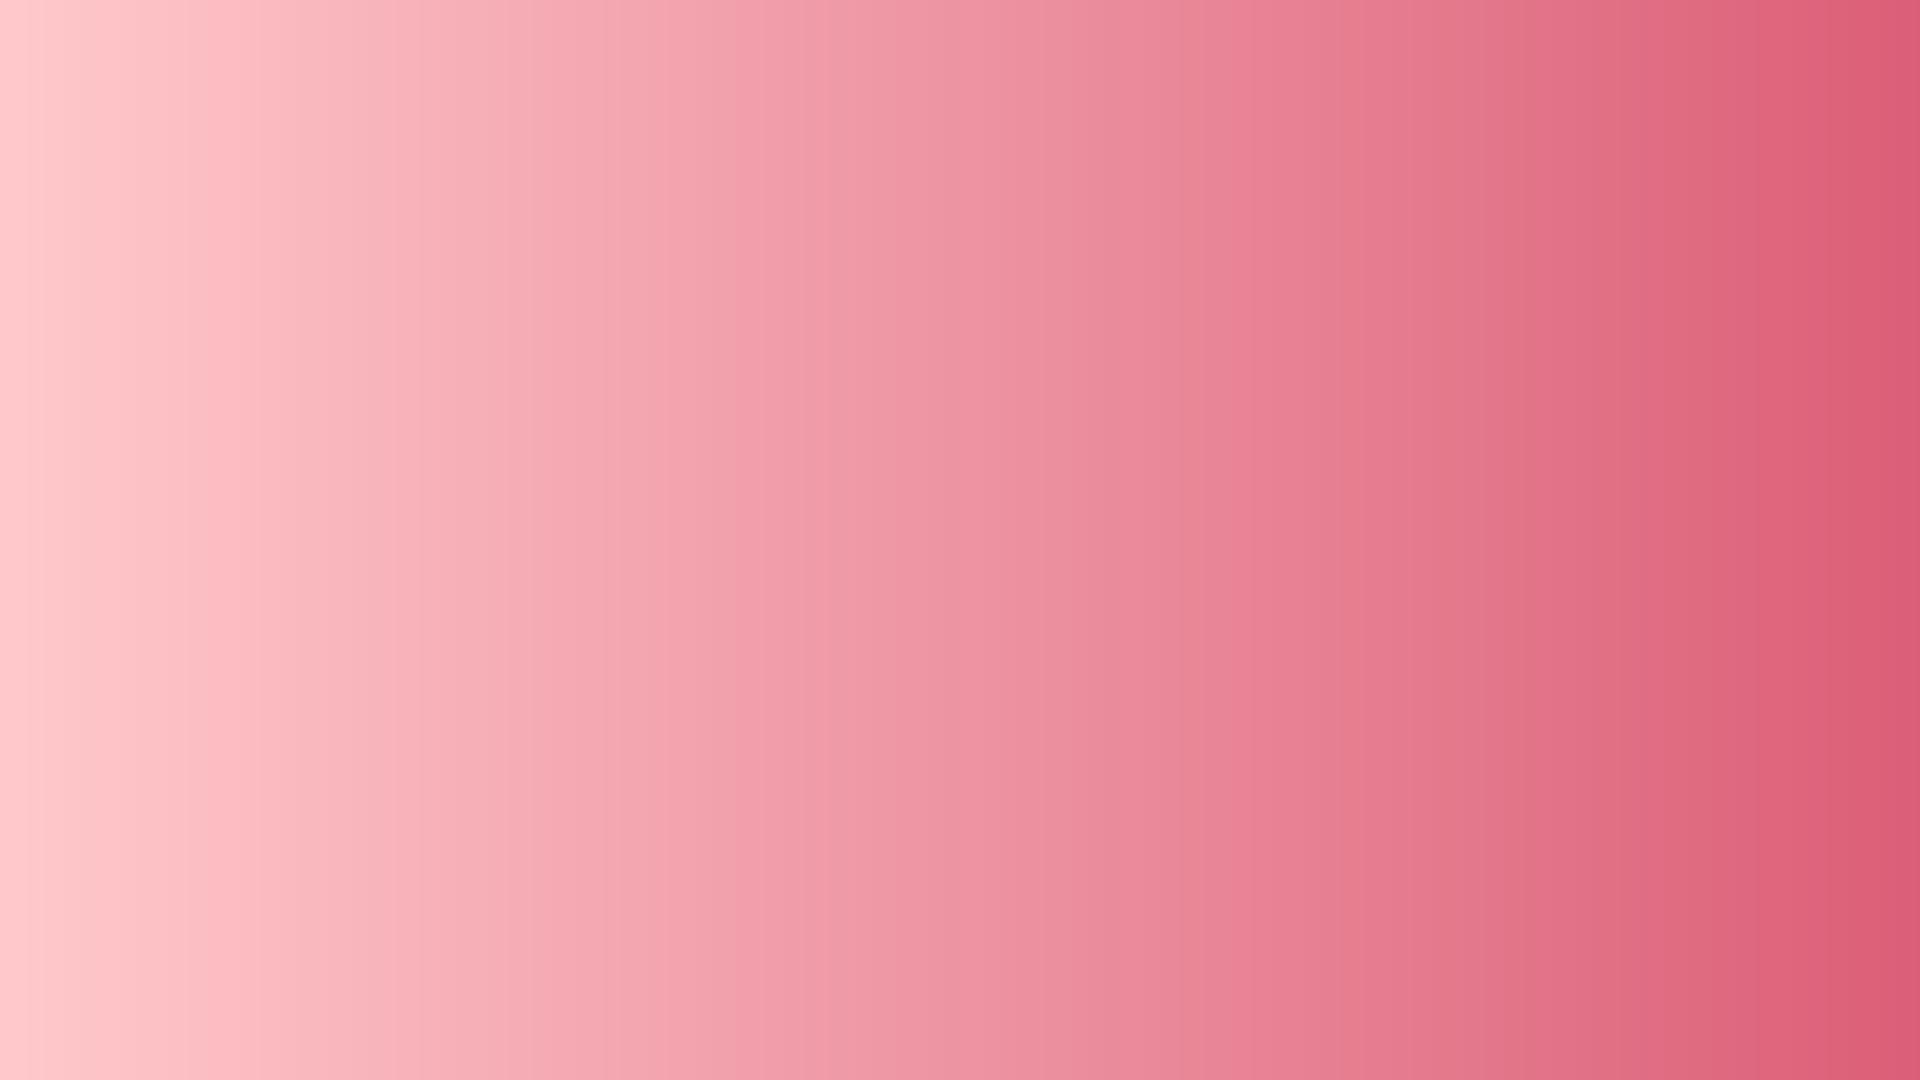 Pink flower Gradient